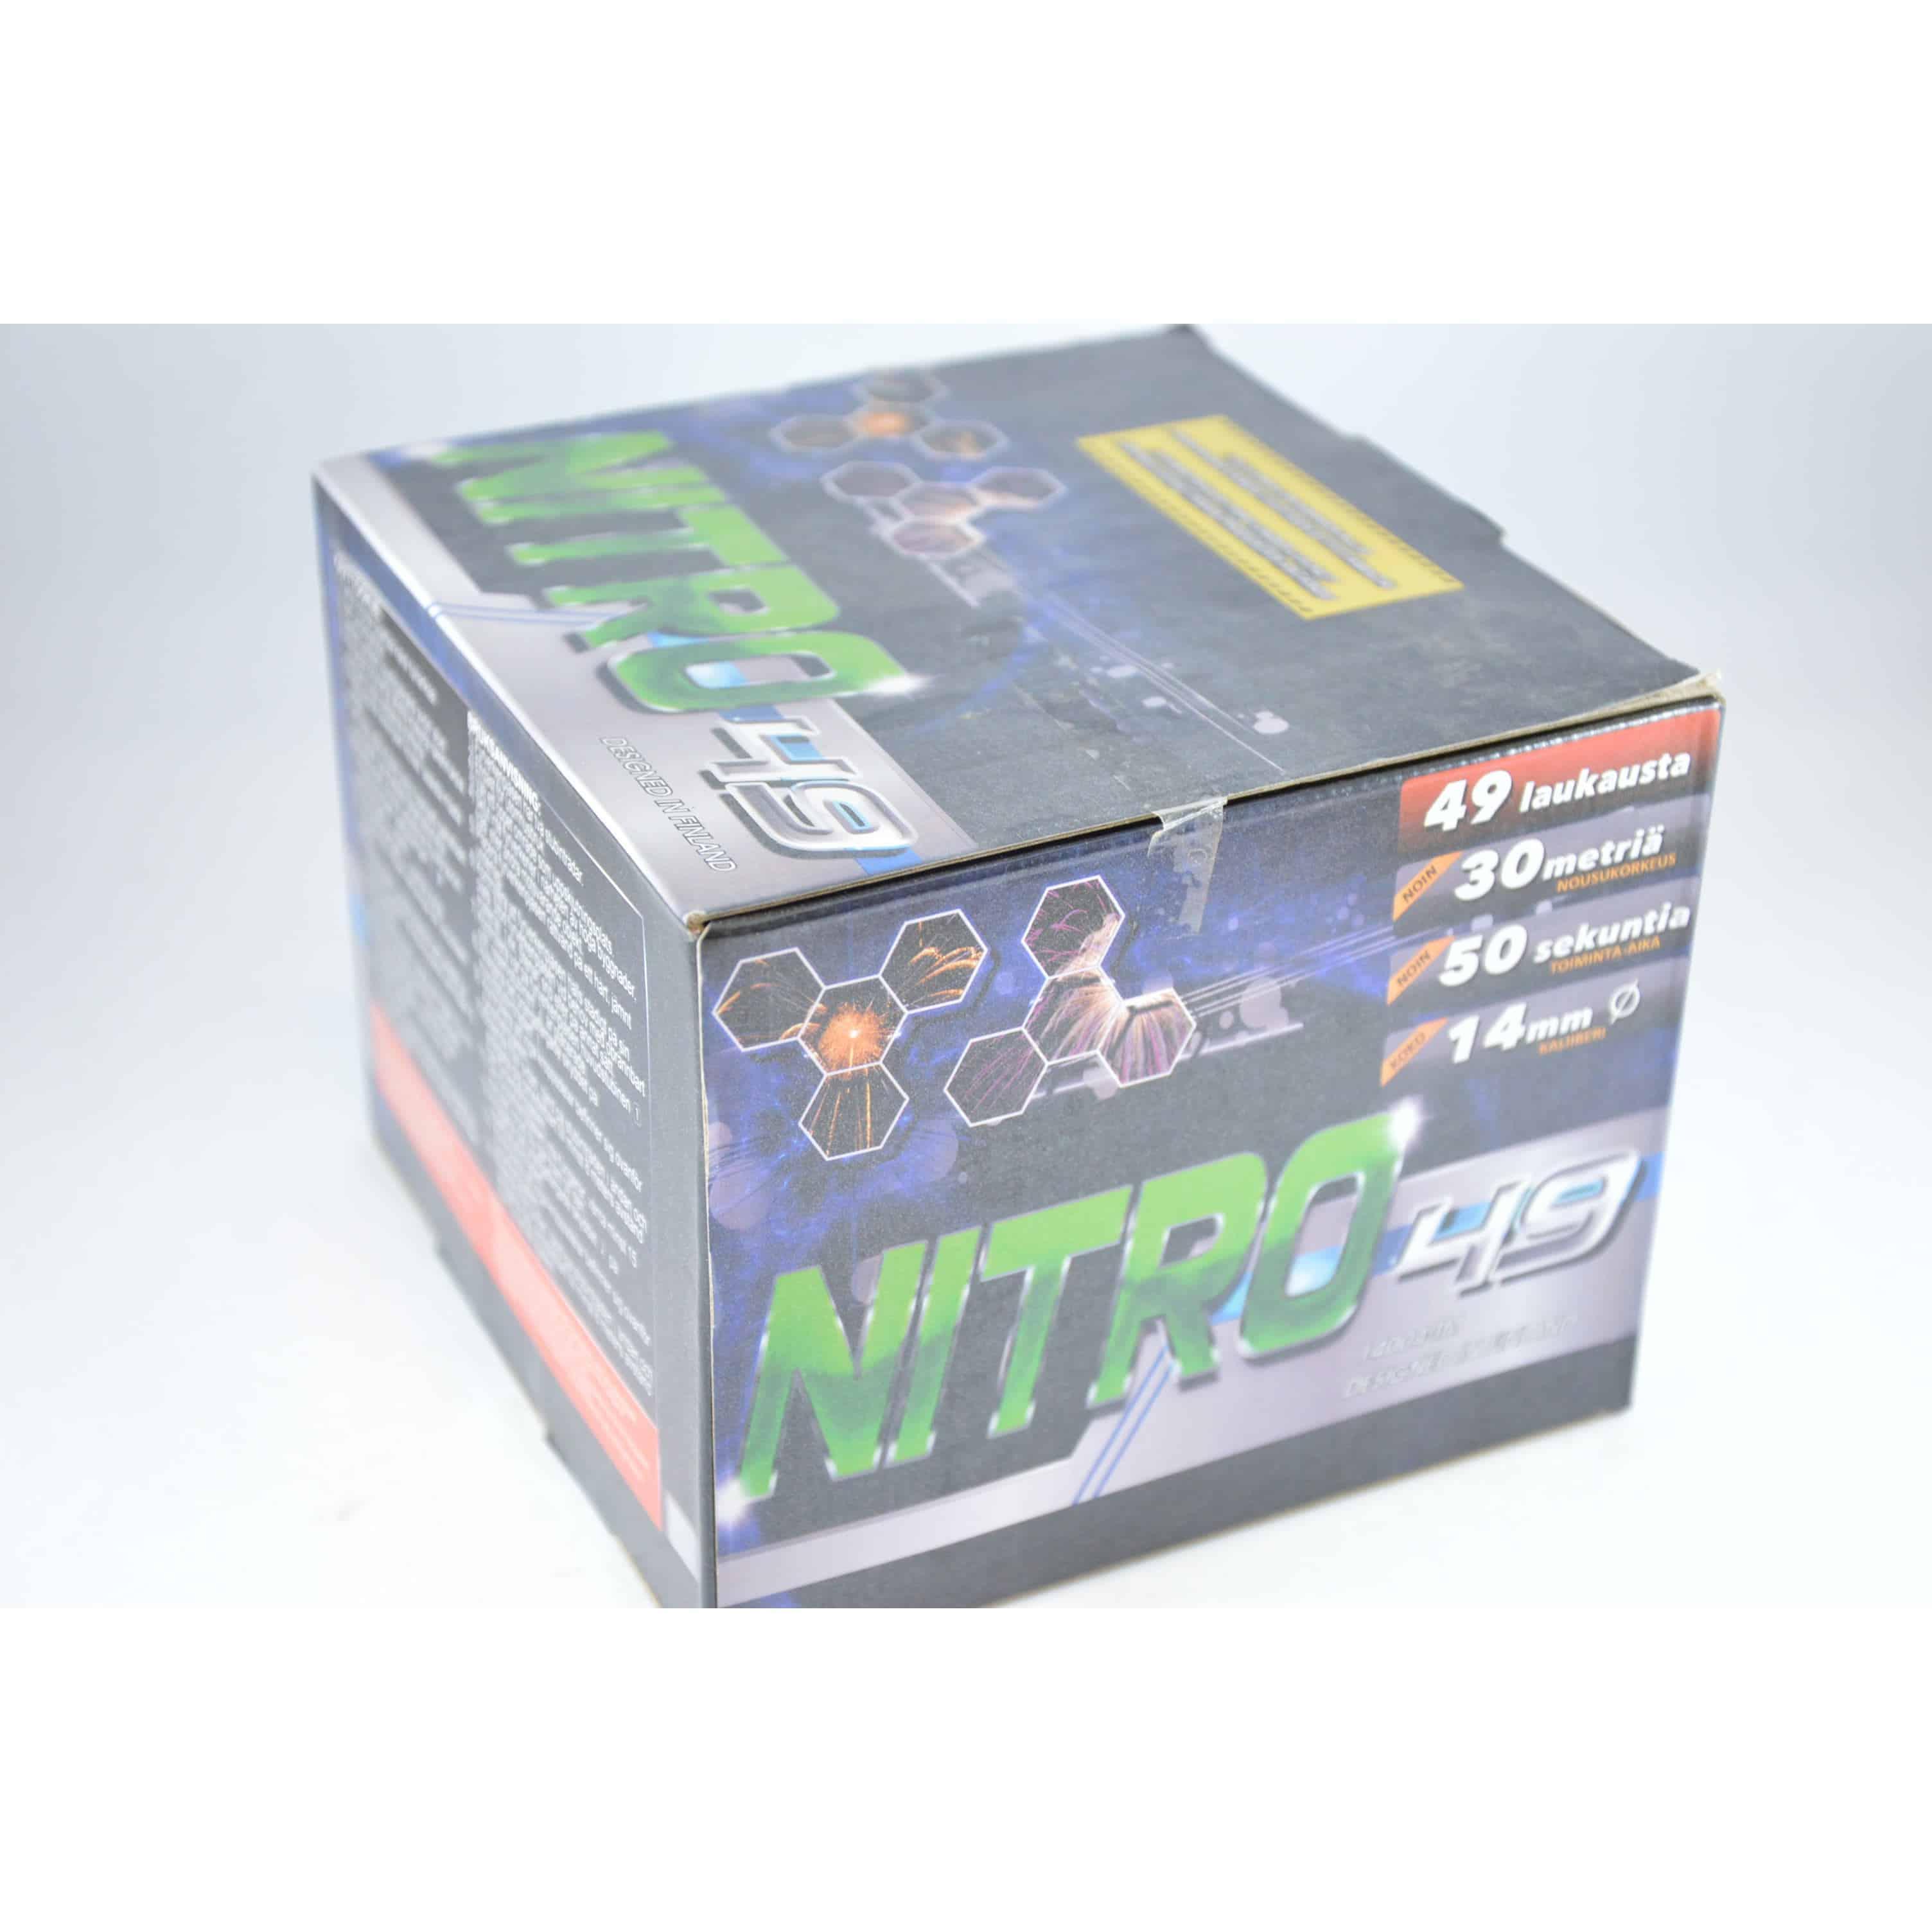 NITRO 49'S PATA